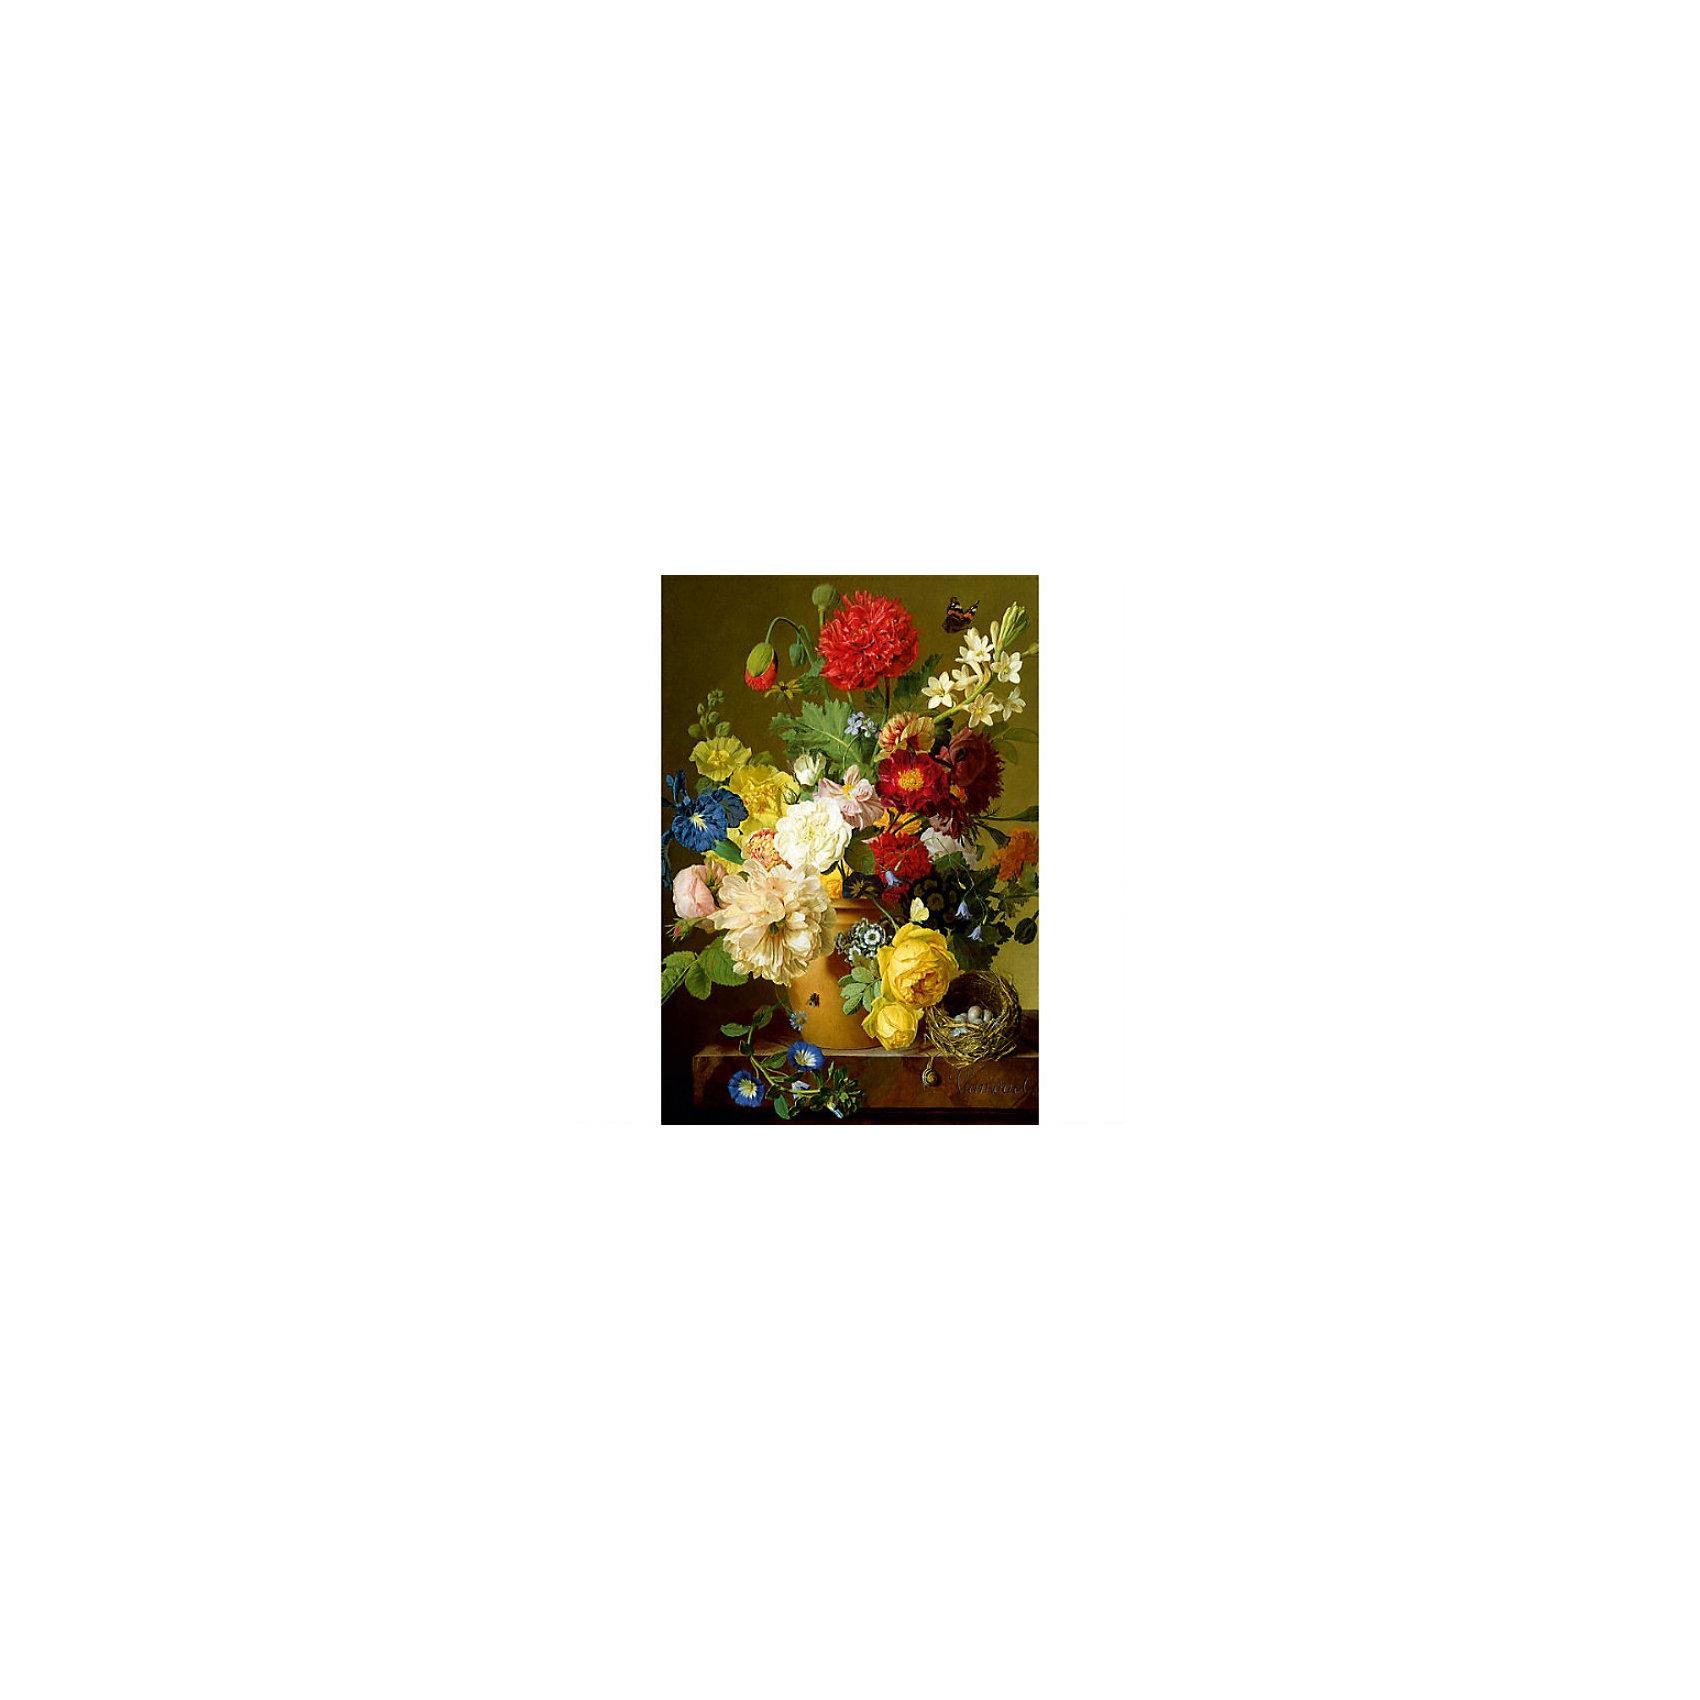 Пазл  Натюрморт с цветами, 1500 деталей, TreflПазлы для детей постарше<br>Пазл  Натюрморт с цветами, Trefl - увлекательный набор для творчества, который будет интересен как детям так и их родителям. С помощью входящих в набор деталей Вы сможете собрать чудесную картину в жанре натюрморта с изображением разнообразных роскошных цветов в керамическом горшке. Пазл выполнен на каландрированной бумаге и отличается высоким качеством полиграфии и насыщенными цветами. Собрать пазл из 1500 деталей - не простая задача, поэтому лучше всего этот набор подойдет детям от 12 лет и взрослым.<br> <br>Собирание пазла способствует развитию логического мышления, внимания, мелкой моторики и координации движений.<br><br>Дополнительная информация:<br><br>- Материал: картон.<br>- Размер собранной картинки: 85 x 85 см.<br>- Размер упаковки: 40,1 х 27 х 6 см. <br>- Вес: 0,98 кг.<br><br> Пазл  Натюрморт с цветами, Trefl можно купить в нашем интернет-магазине.<br><br>Ширина мм: 270<br>Глубина мм: 401<br>Высота мм: 60<br>Вес г: 980<br>Возраст от месяцев: 144<br>Возраст до месяцев: 1188<br>Пол: Женский<br>Возраст: Детский<br>Количество деталей: 1500<br>SKU: 3879931